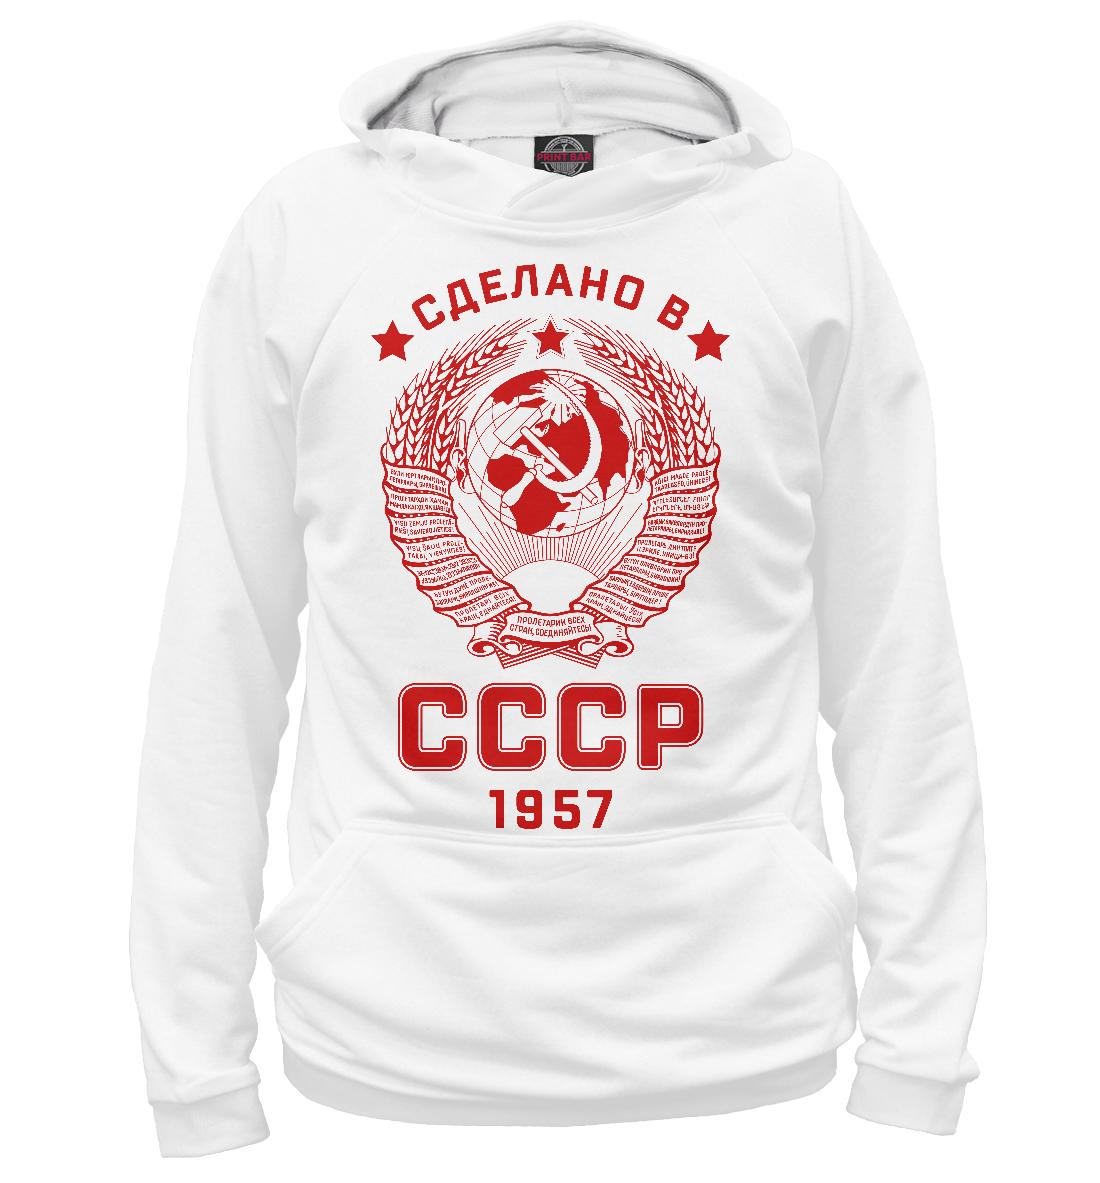 Купить Сделано в СССР - 1957, Printbar, Худи, RZP-901516-hud-1